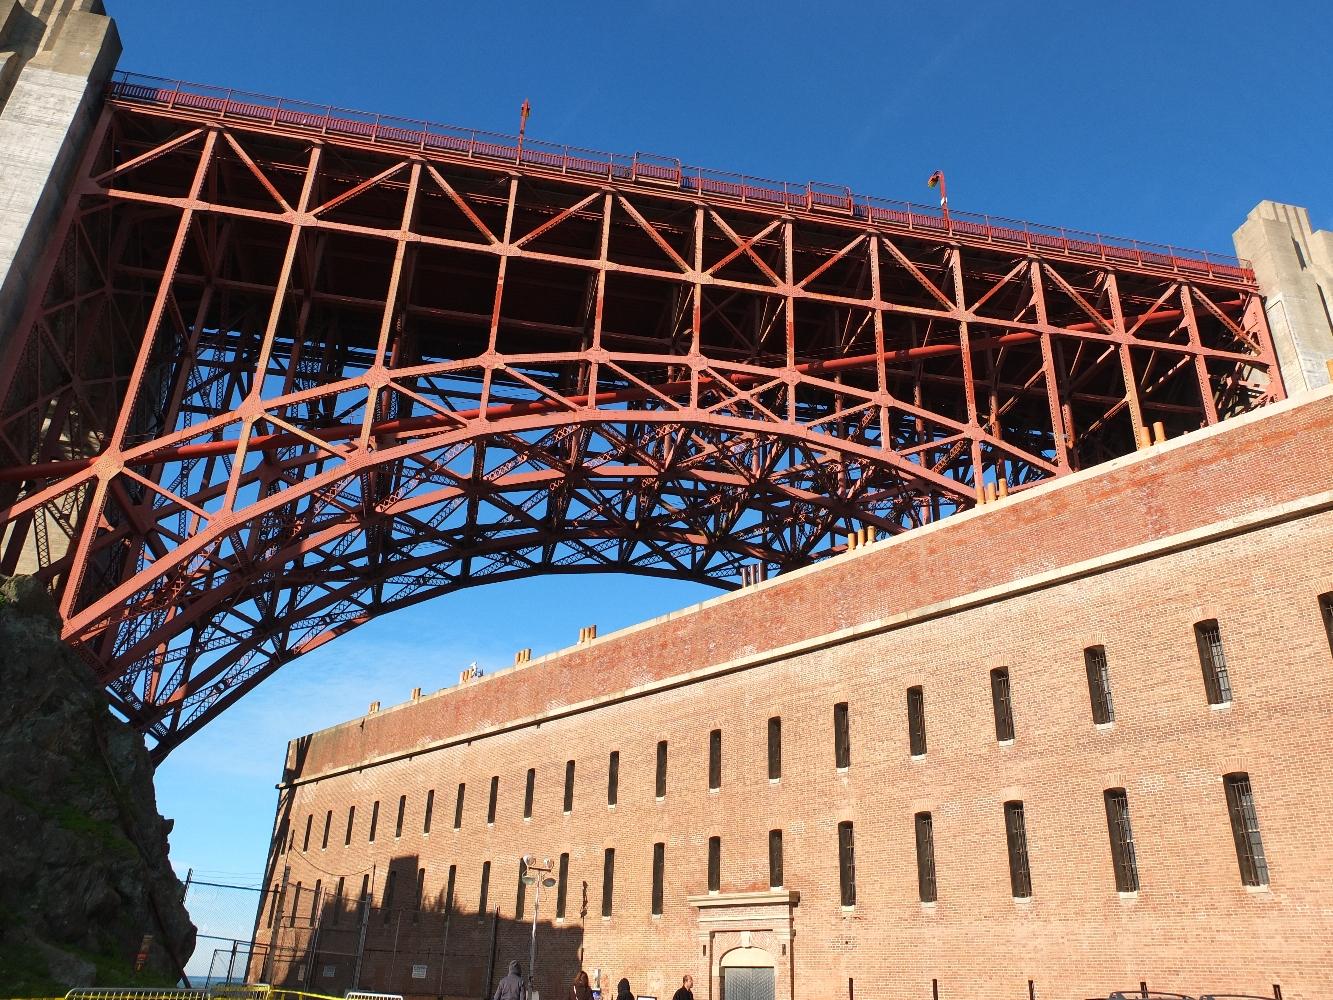 Les plans de construction du Golden Gate Bridge prévoyaient la démolition de Fort Point. Par bonheur, l'ingénieur en chef Joseph Strauss a reconnu la valeur architecturale du fort et dessiné tout spécialement une arche permettant au pont d'enjamber le fort sans le détruire.